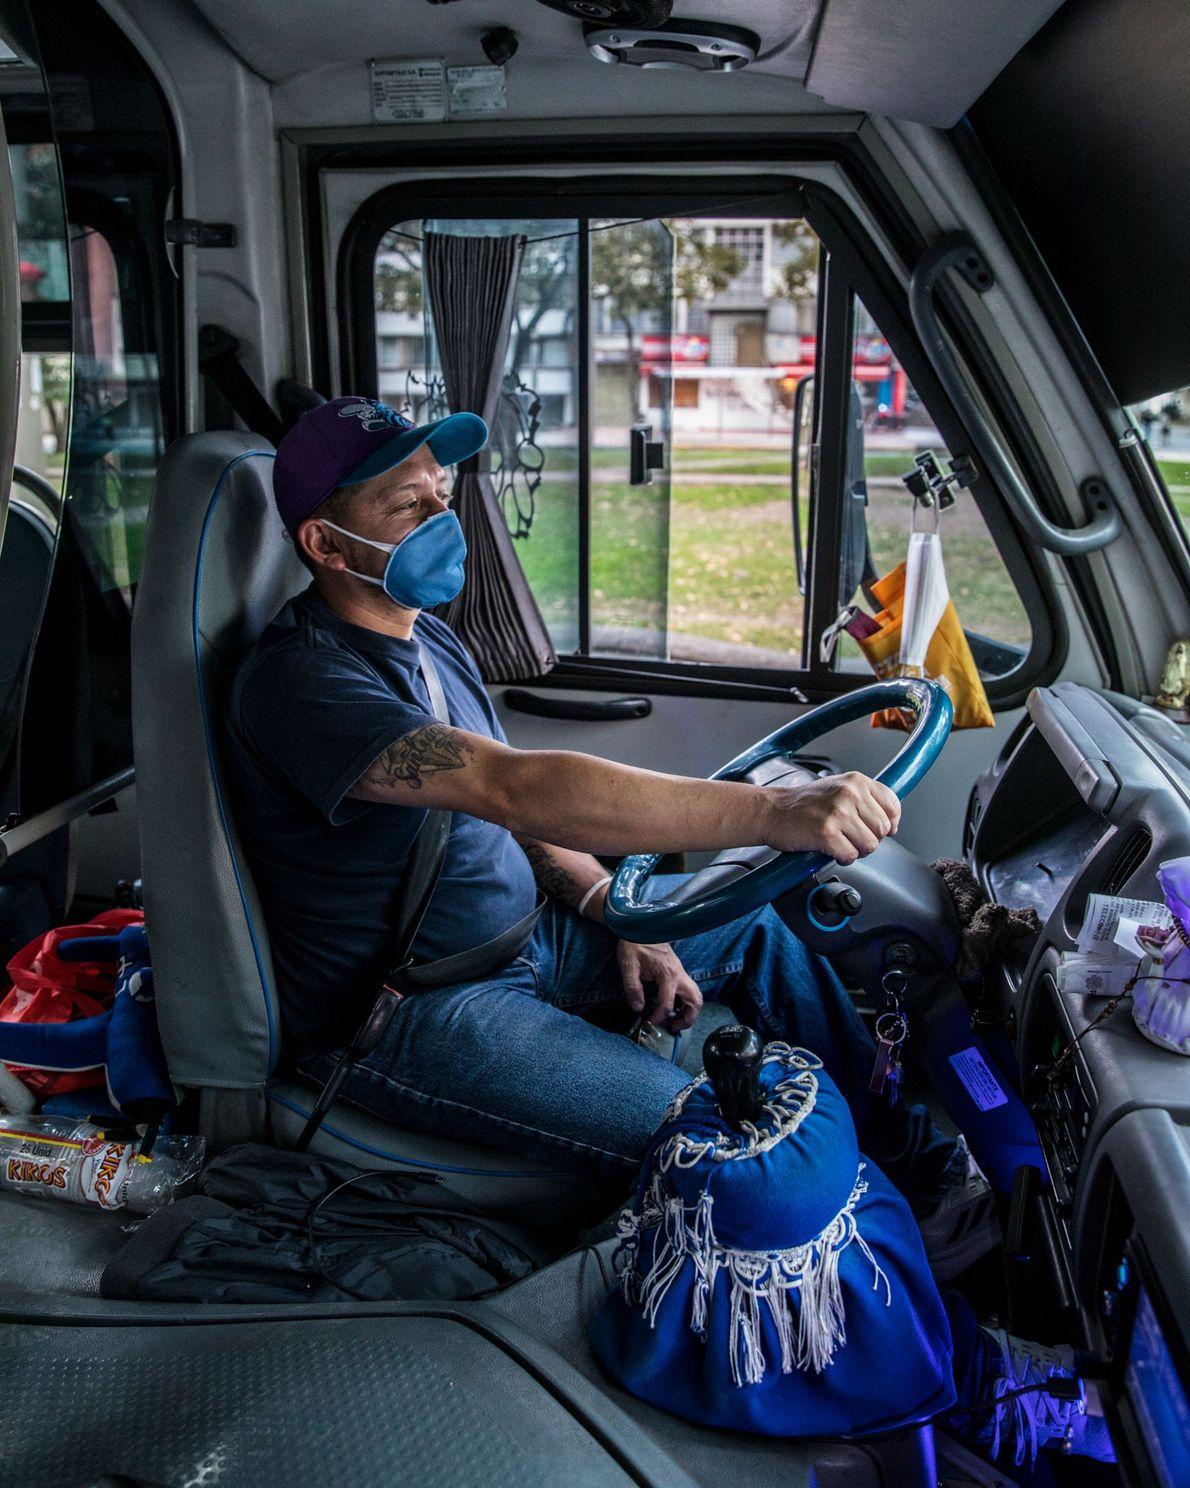 Nacido y criado en los Altos de Cazucá, Carlos Augusto Ramírez es conductor de un colectivo ...